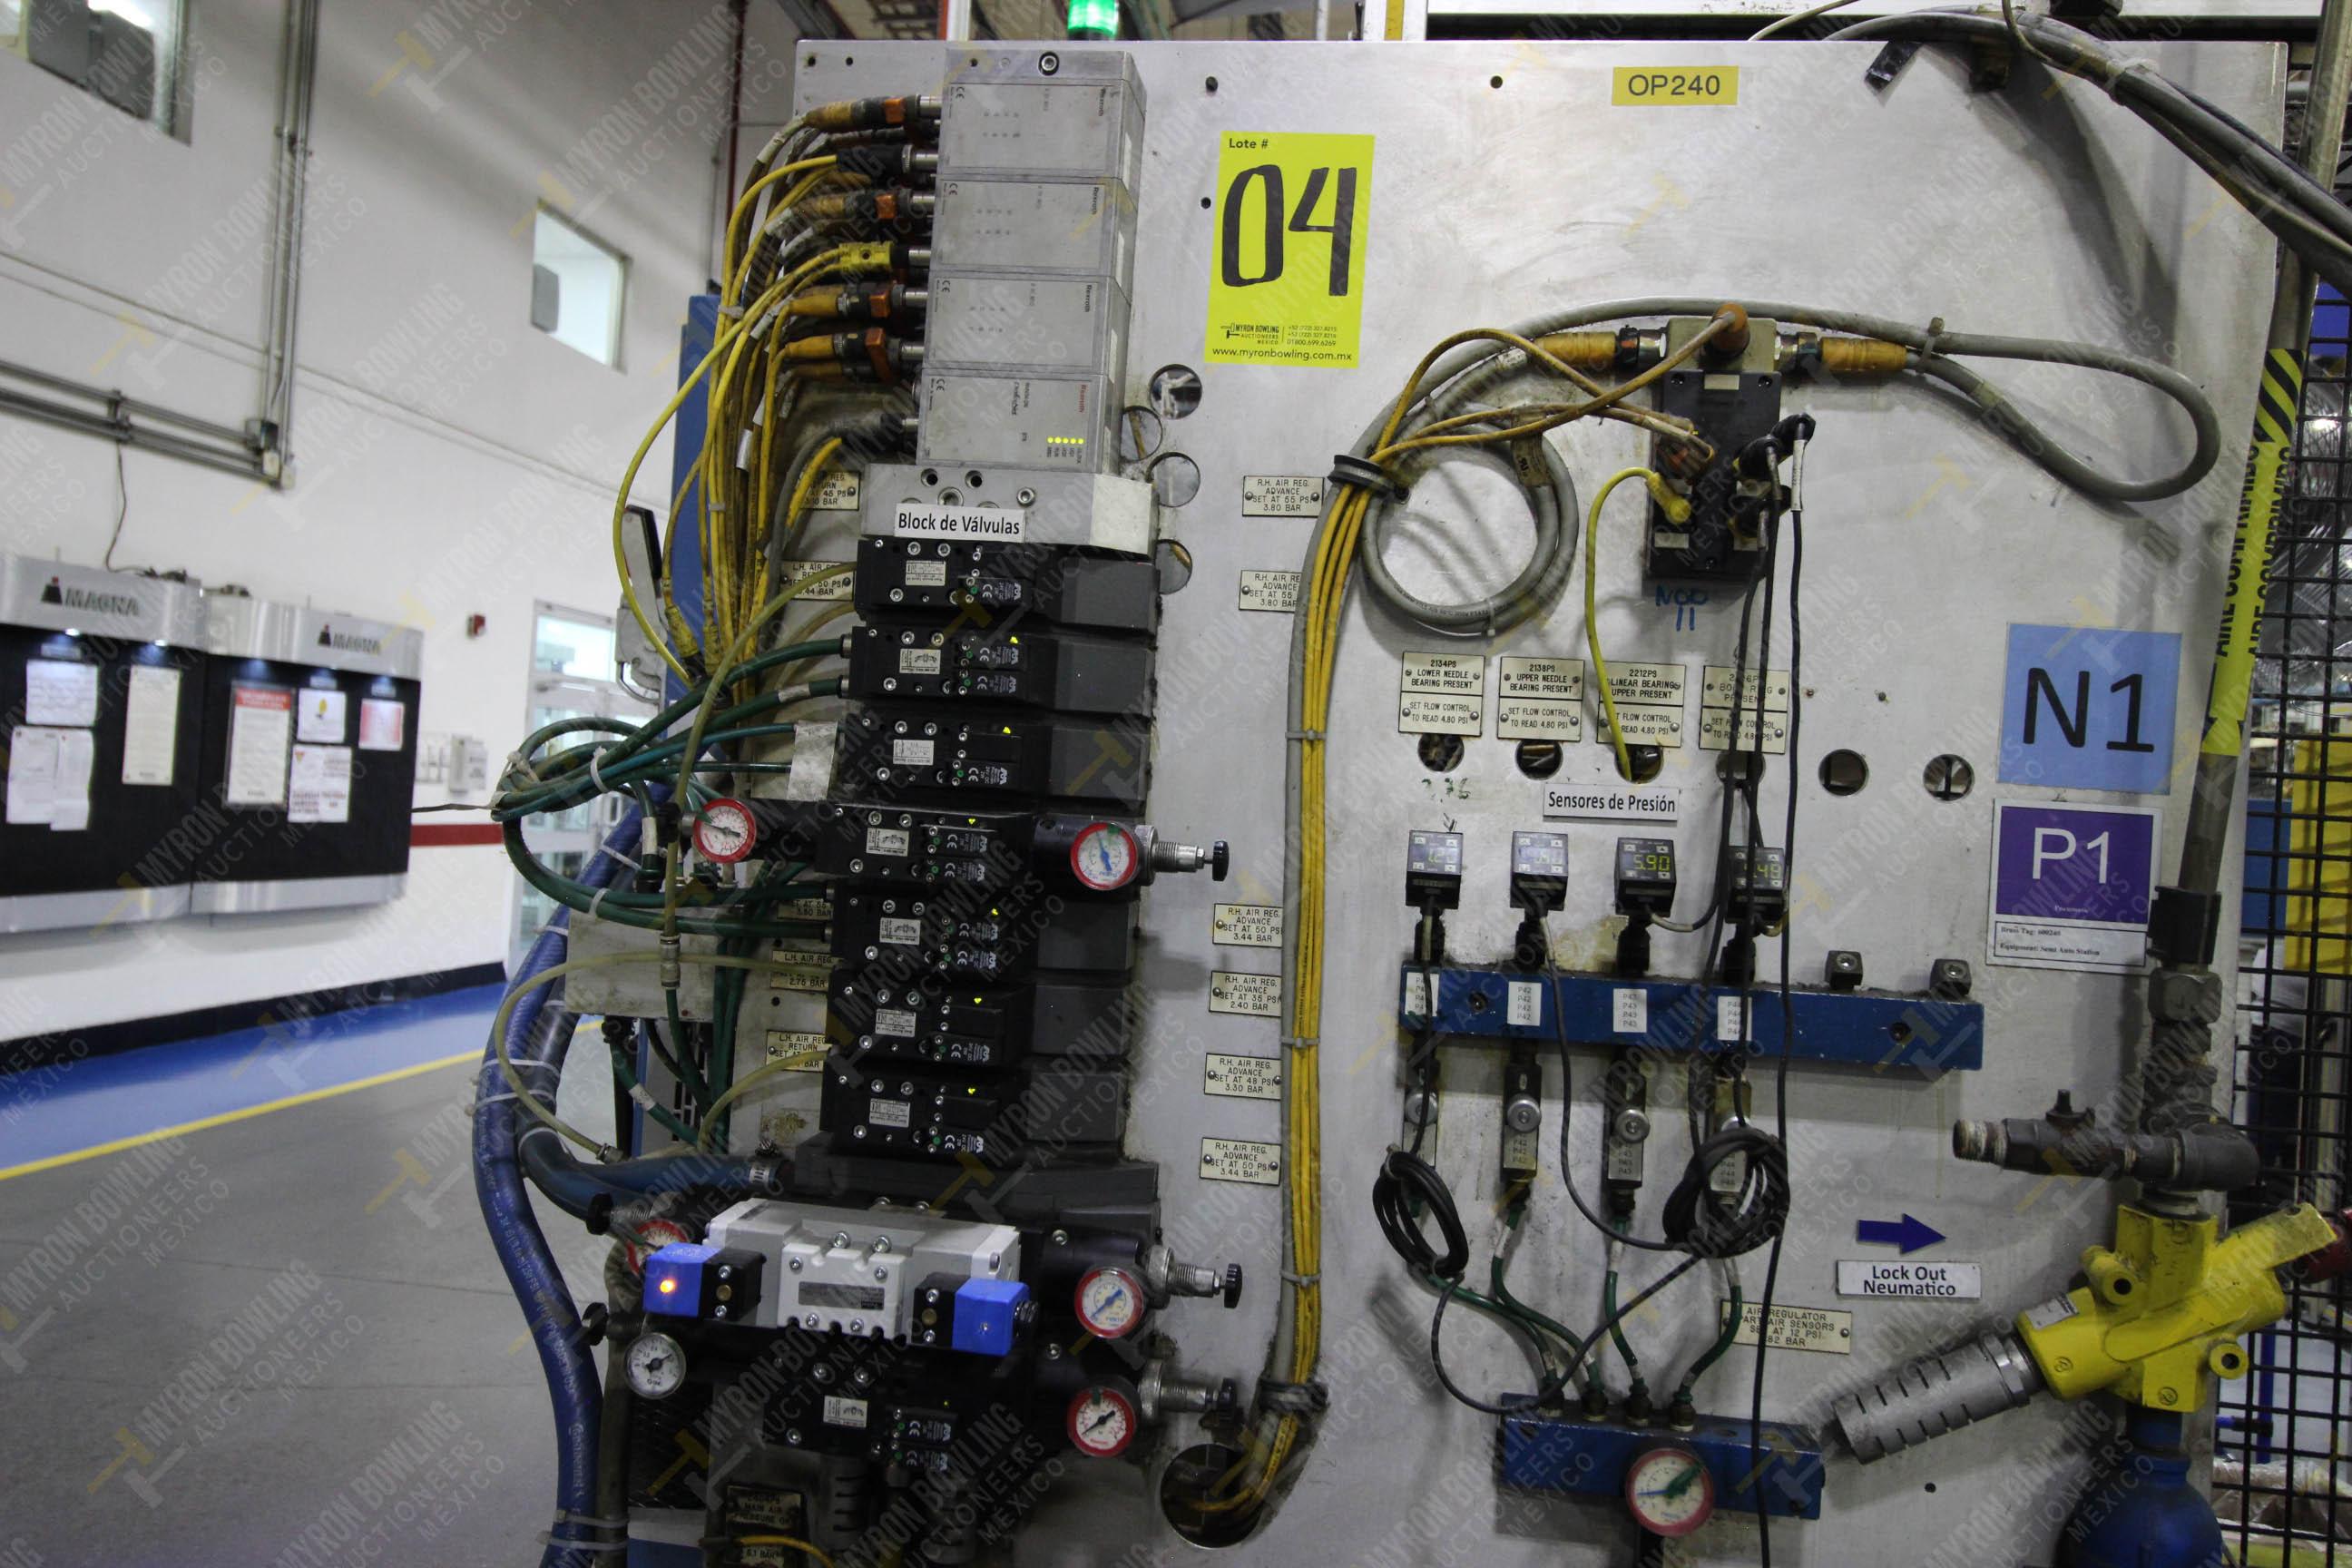 Estación semiautomática para operación 240A de ensamble de balero - Image 9 of 29